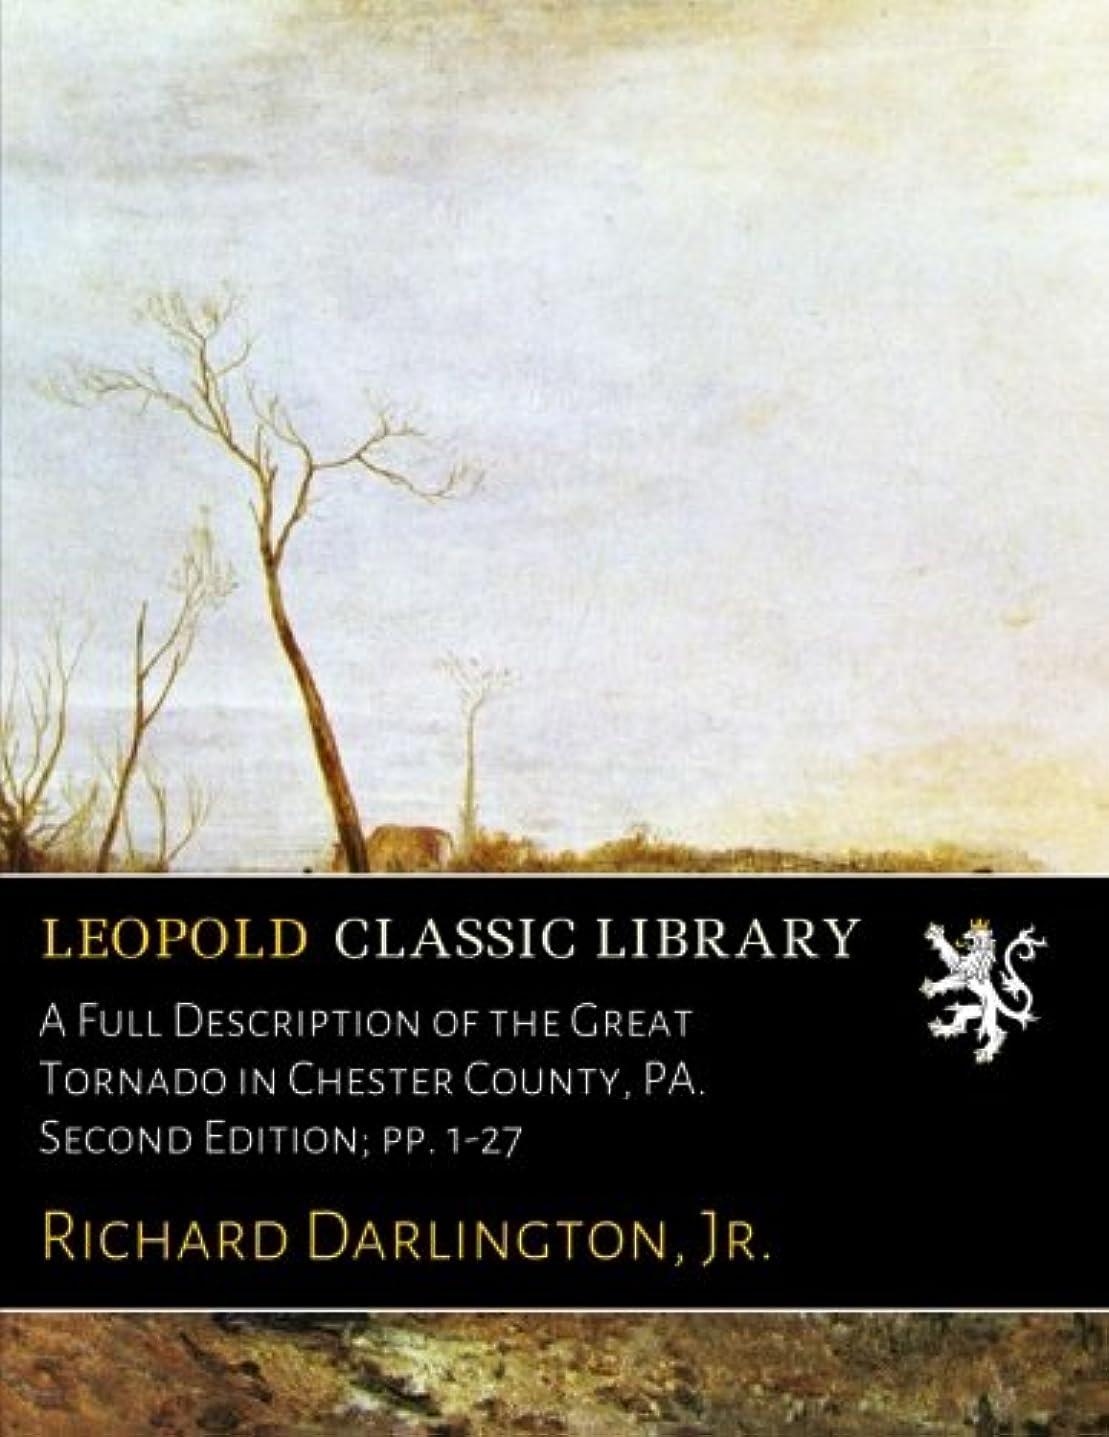 フェローシップ倉庫慎重A Full Description of the Great Tornado in Chester County, PA. Second Edition; pp. 1-27